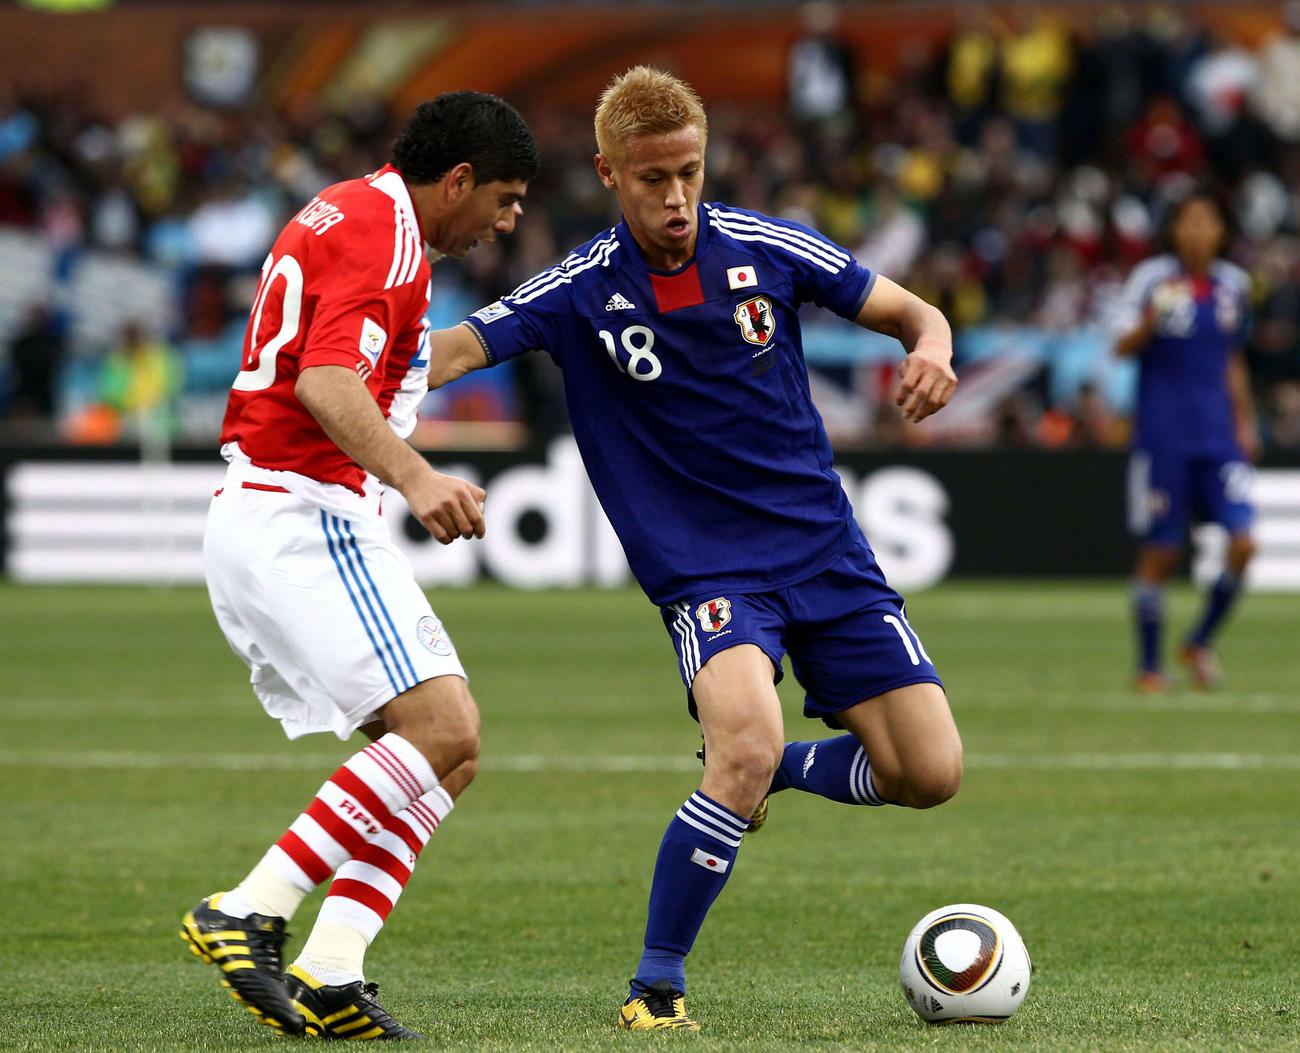 日本対パラグアイ 前半、パラグアイに切り込むFW本田圭佑=2010年6月29日